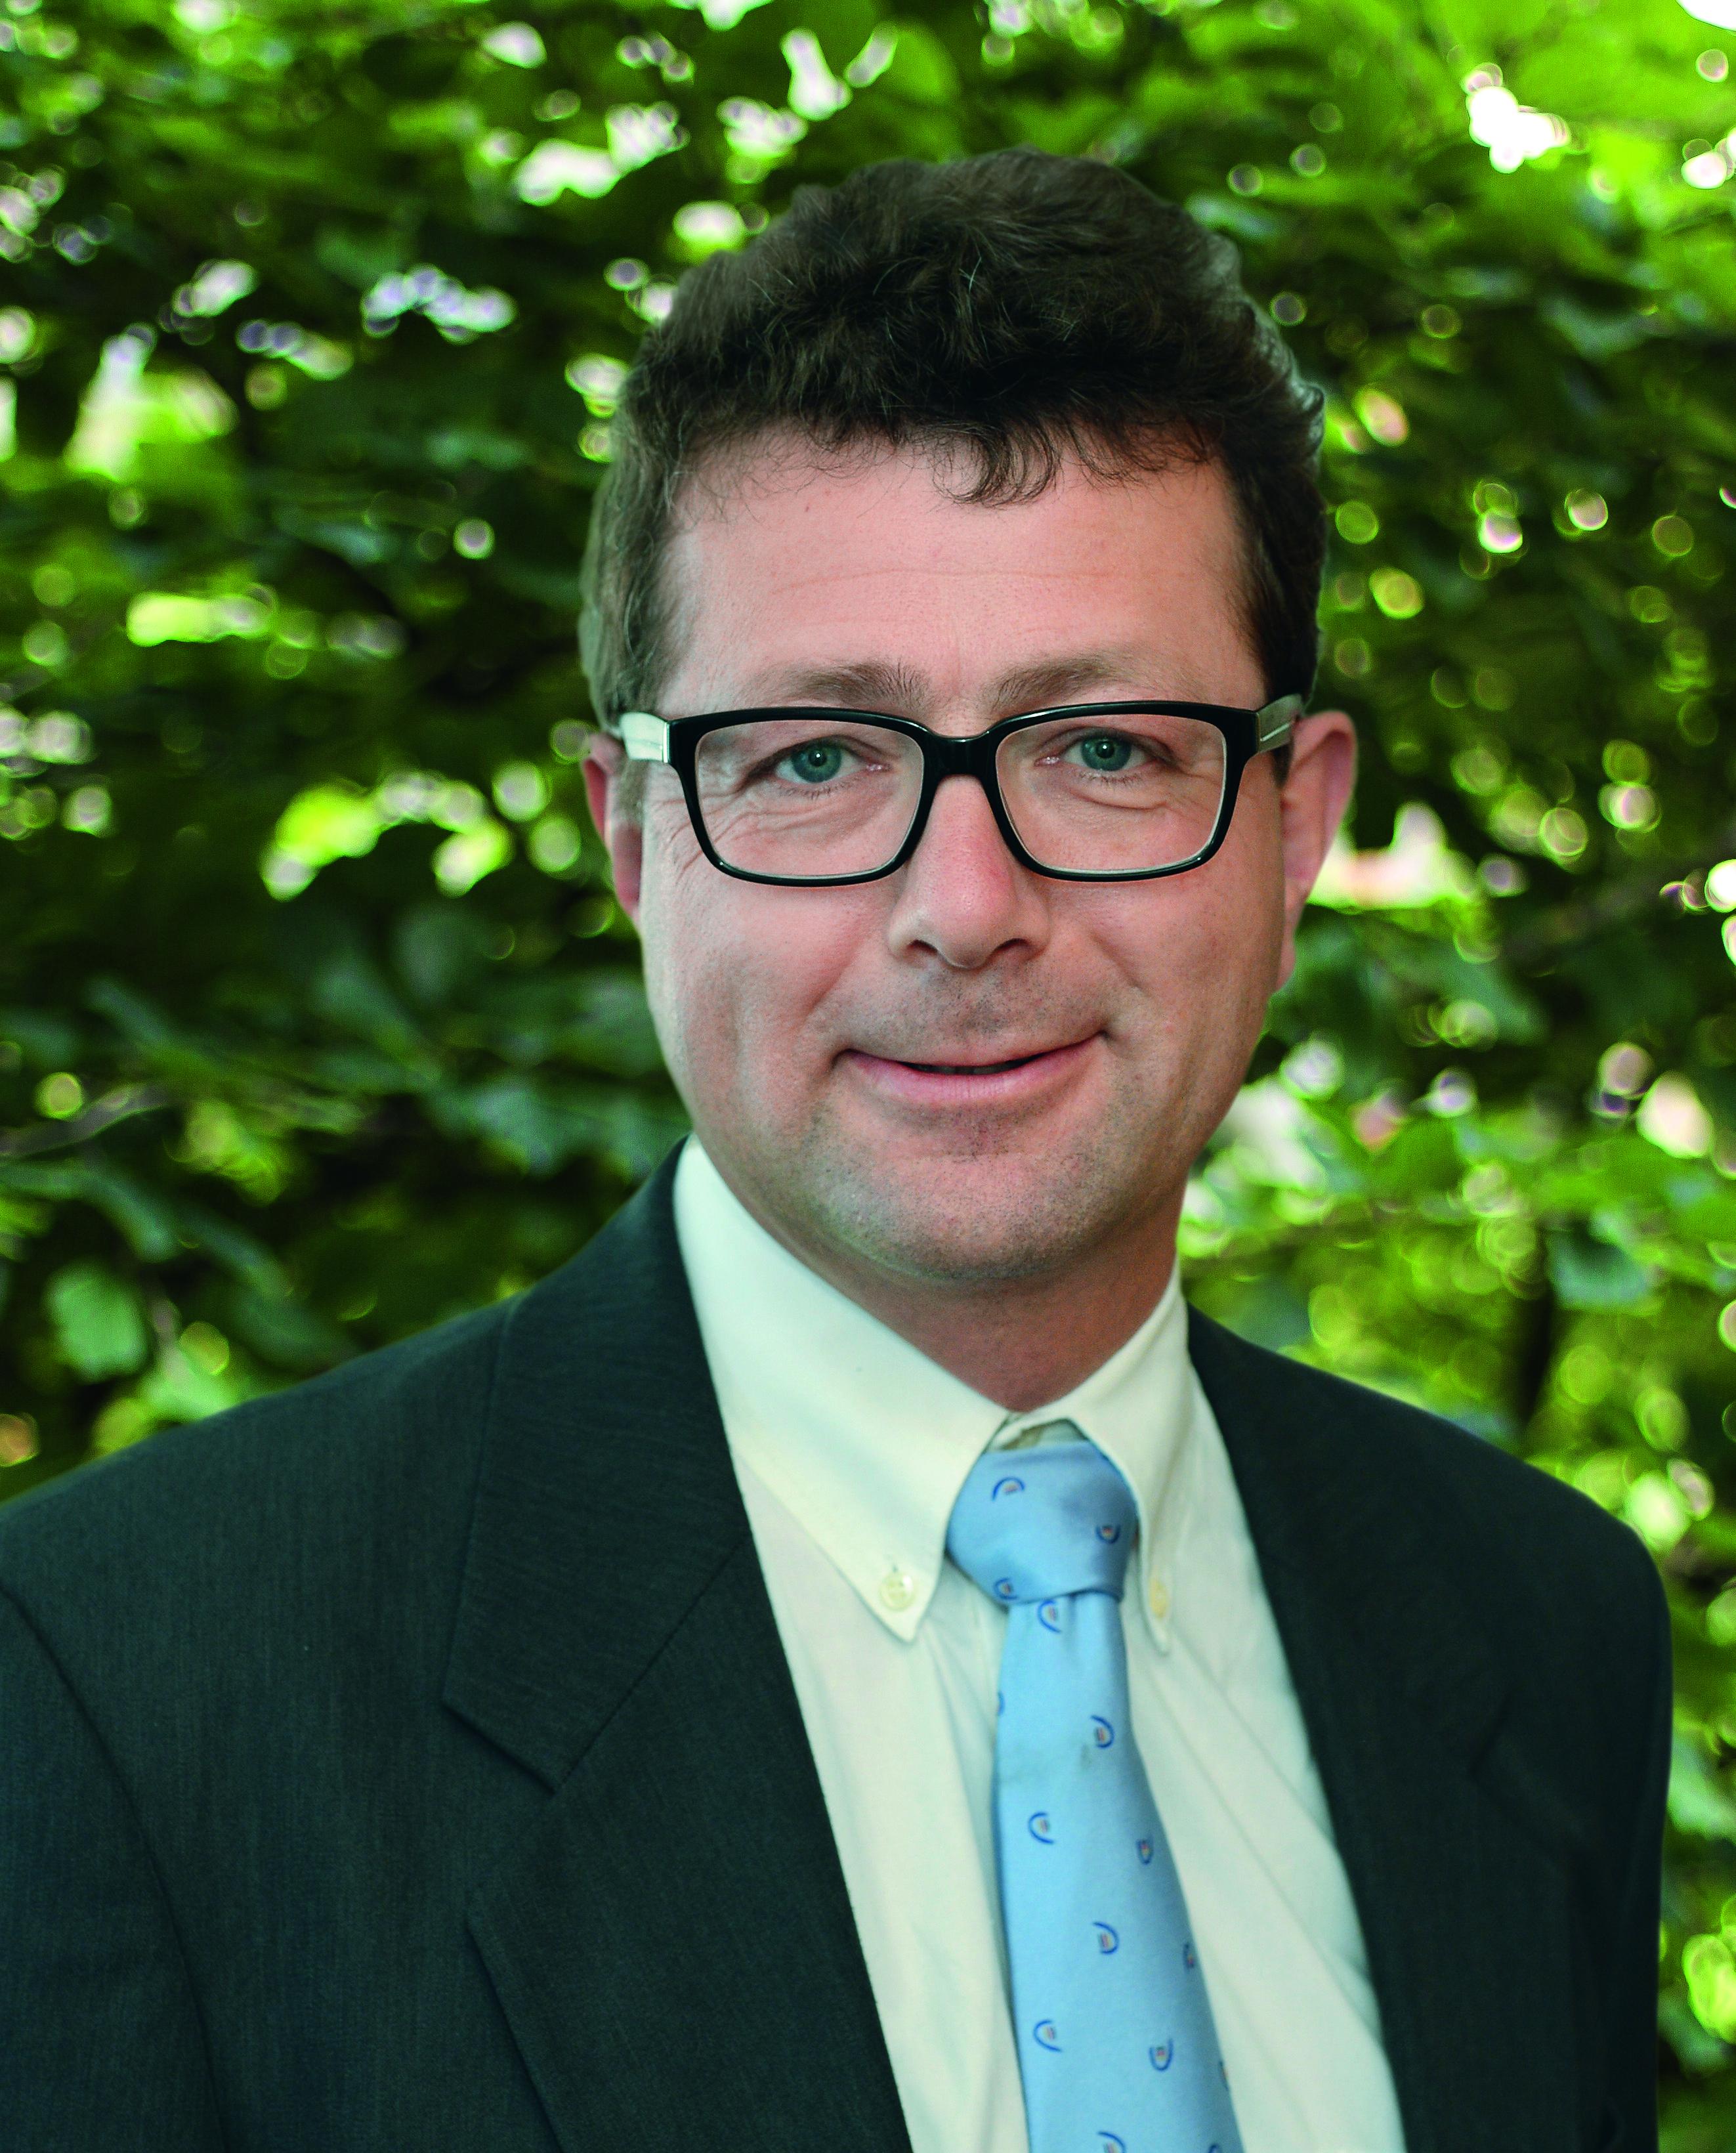 Christoph Sedlmeier